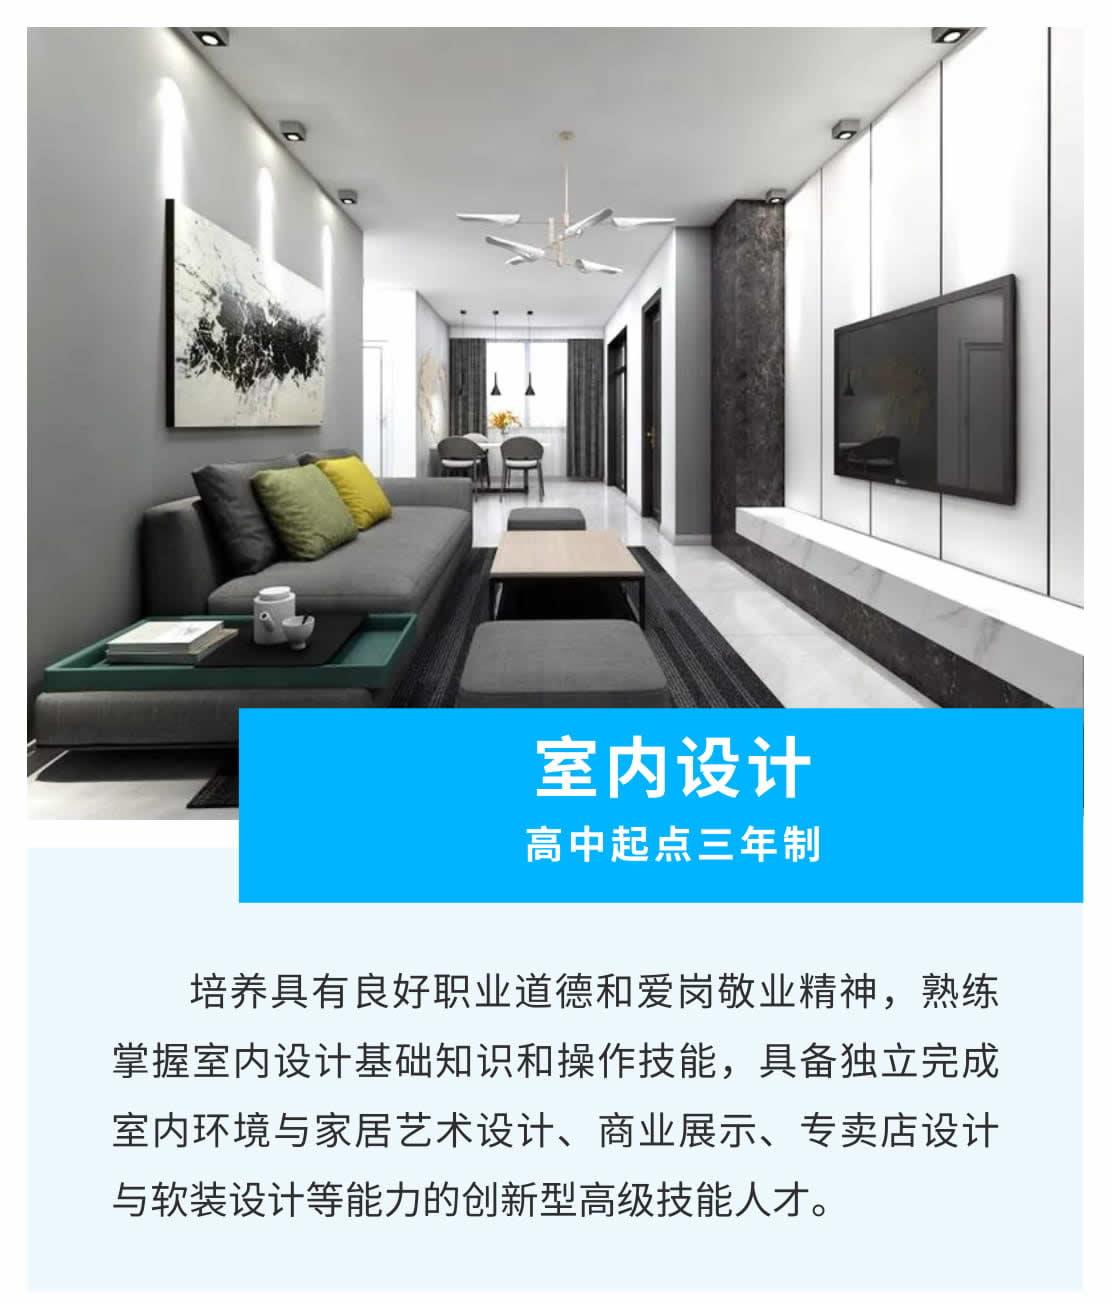 室内设计(高中起点三年制)-1_r1_c1.jpg